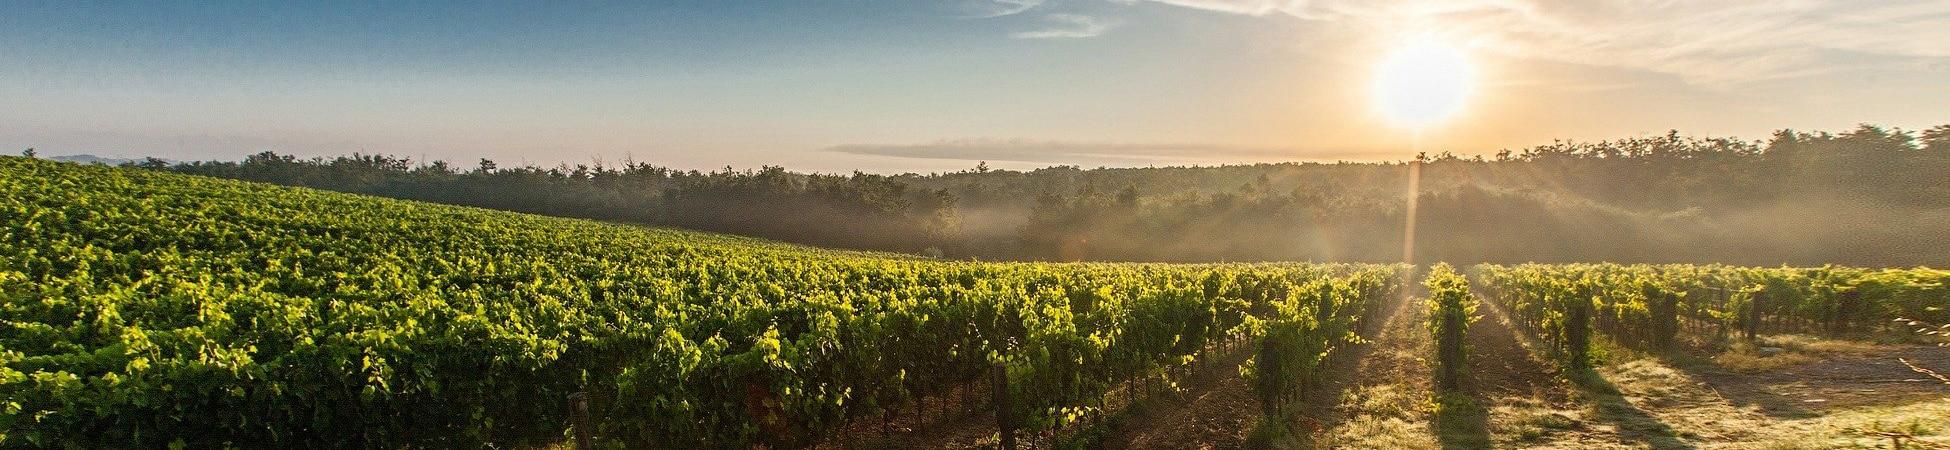 Les plus belles regions viticoles de france